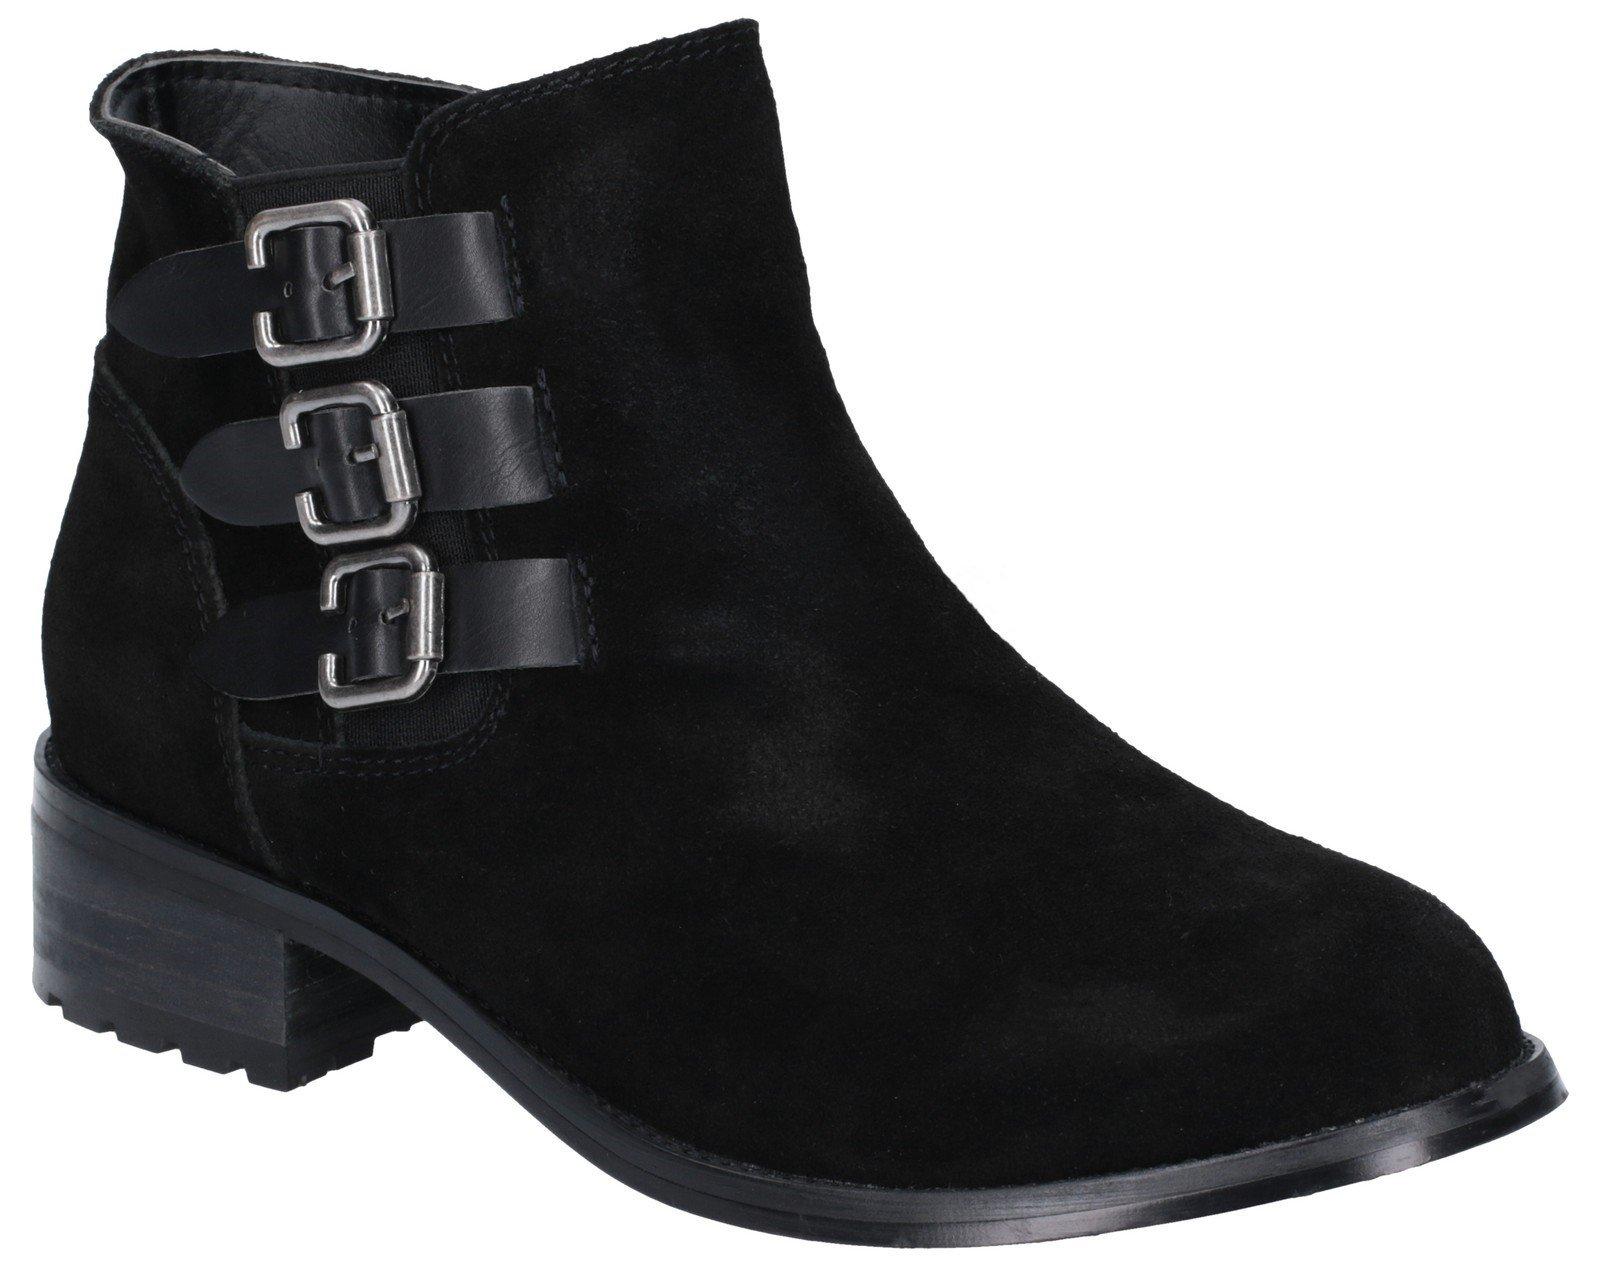 Divaz Women's Lexi Slip On Buckle Boot Black 27162-45641 - Black 3